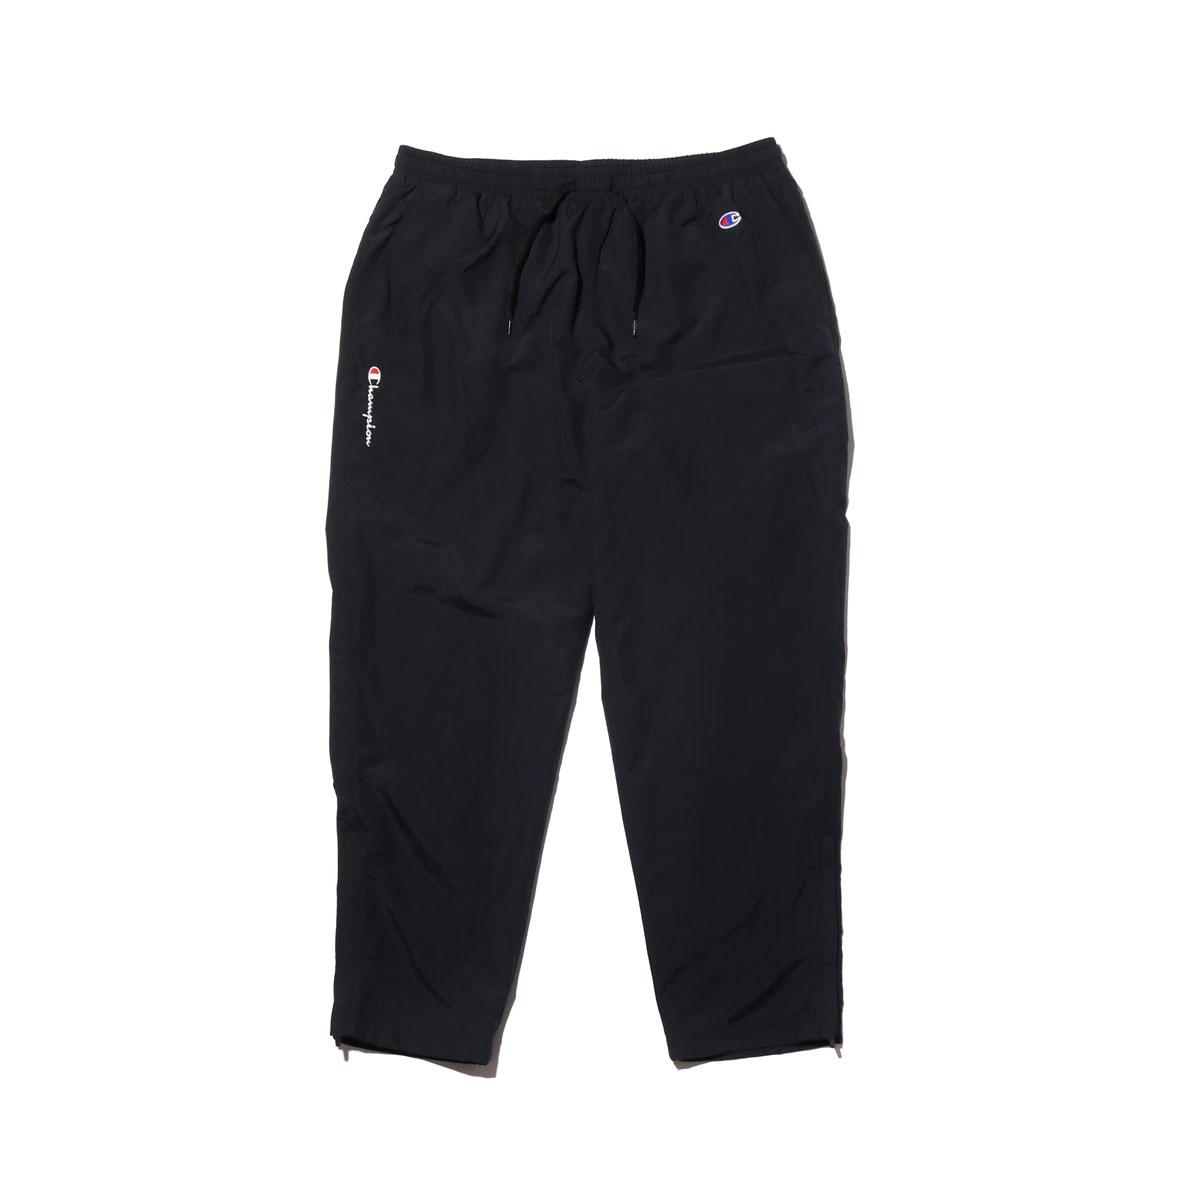 Champion LONG PANTS (チャンピオン ロング パンツ)(BLACK)【メンズ ロングパンツ】19SP-I